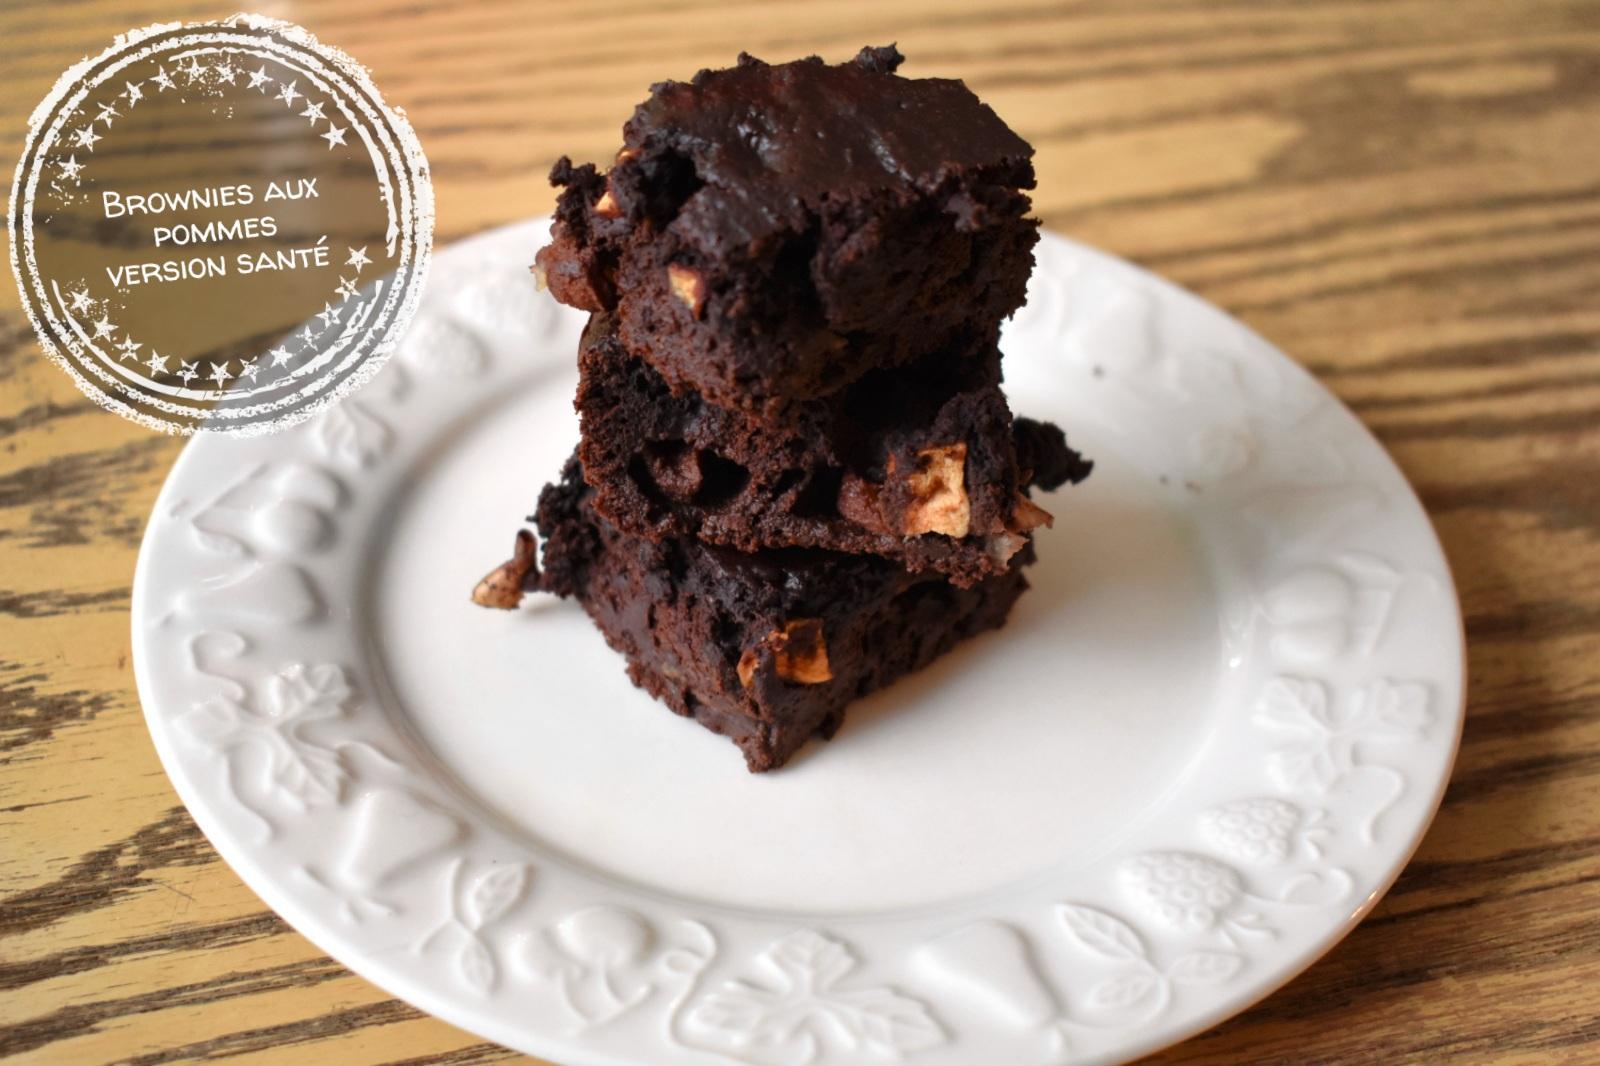 Brownies aux pommes version santé - Auboutdelalangue.com